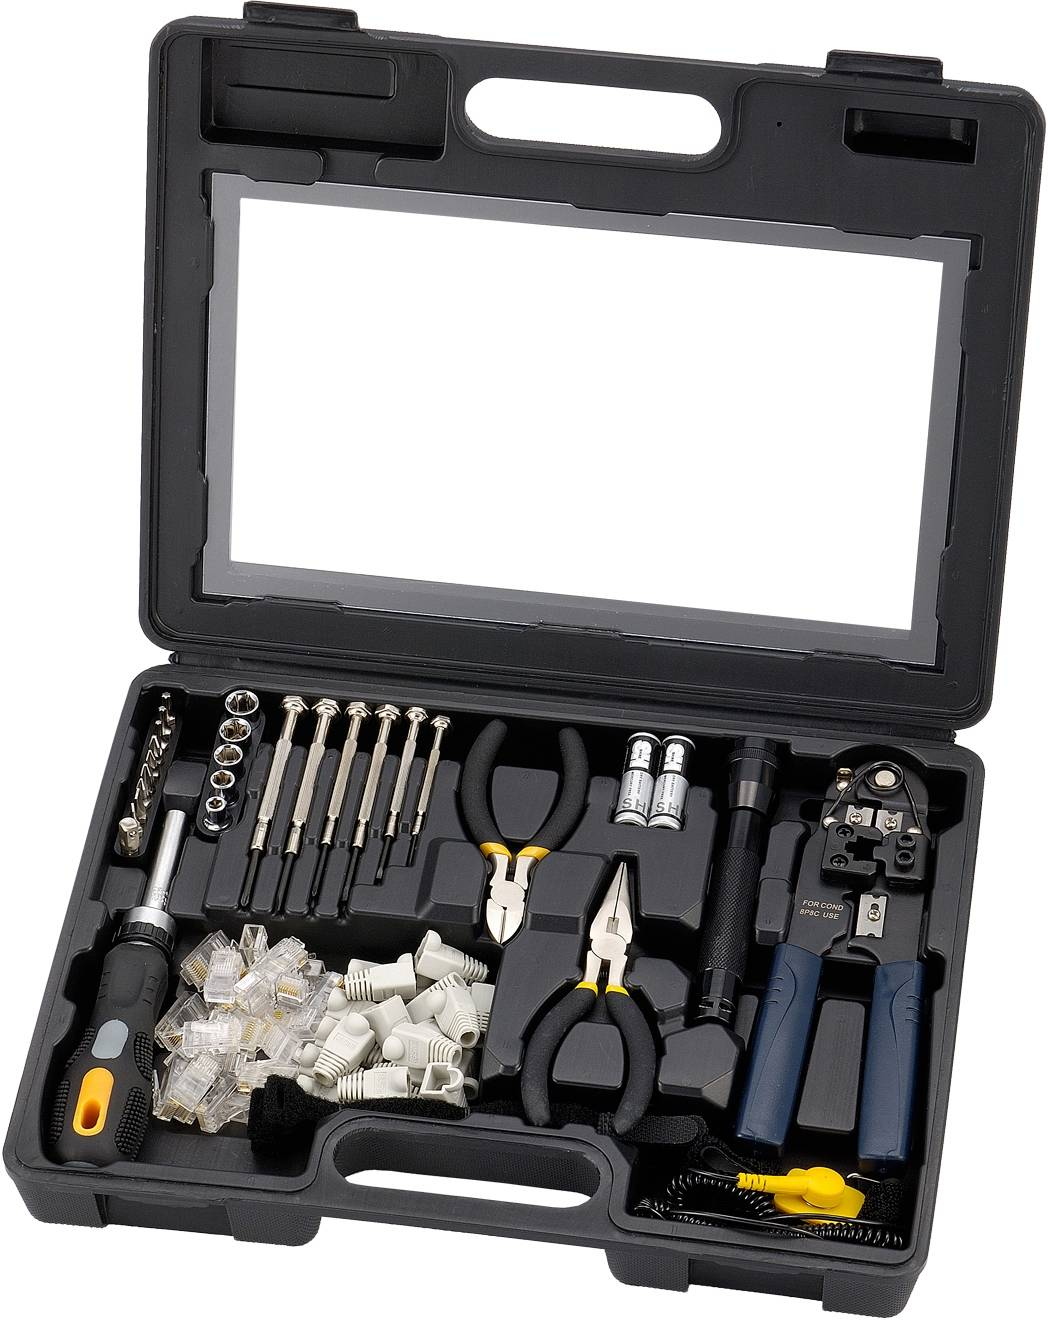 Sprotek STK-985, verktygskit för datorer och nätverkskablar, svart